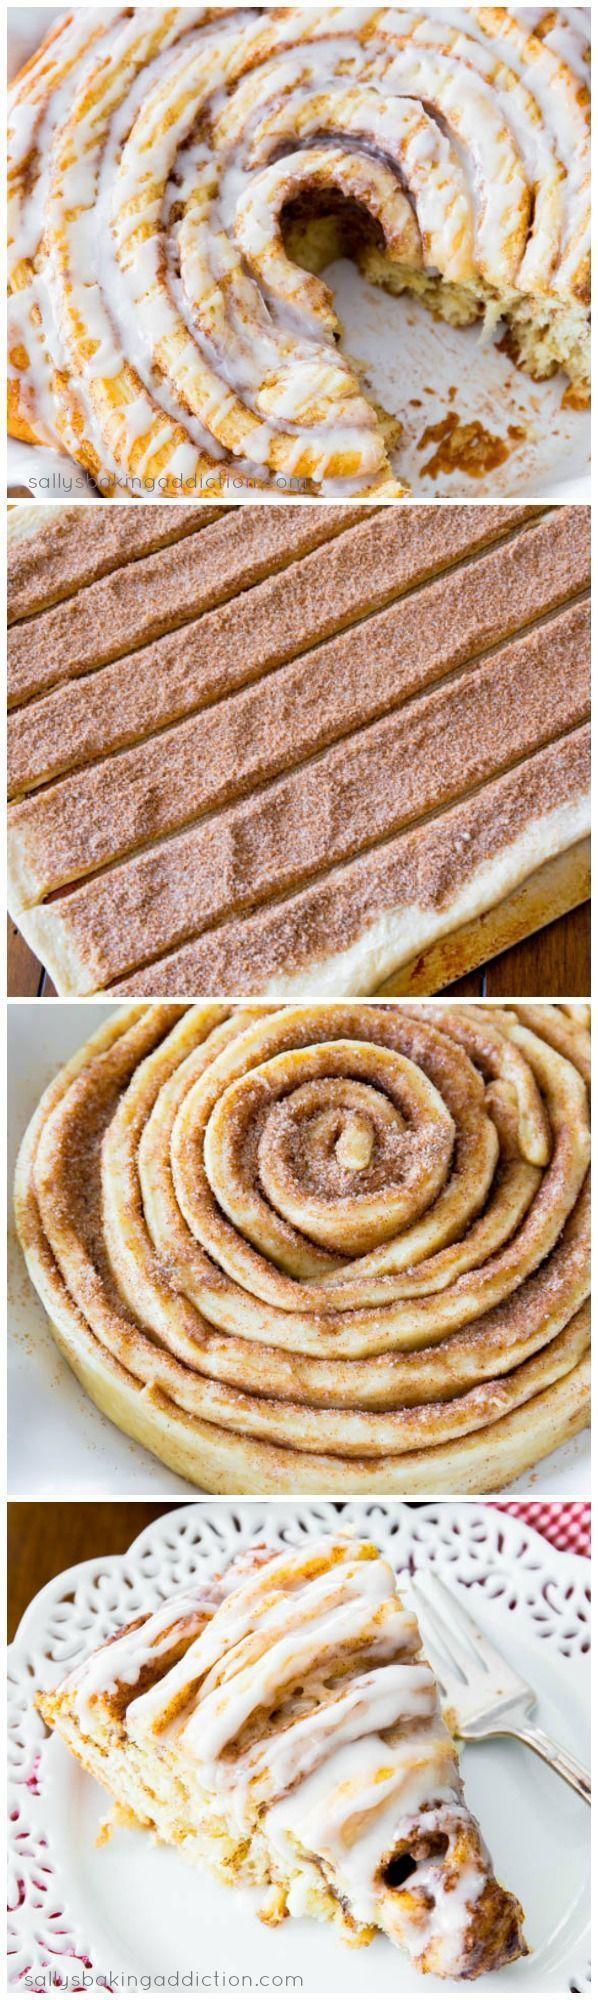 Красивые пироги: виртуозная разделка теста - это не так сложно